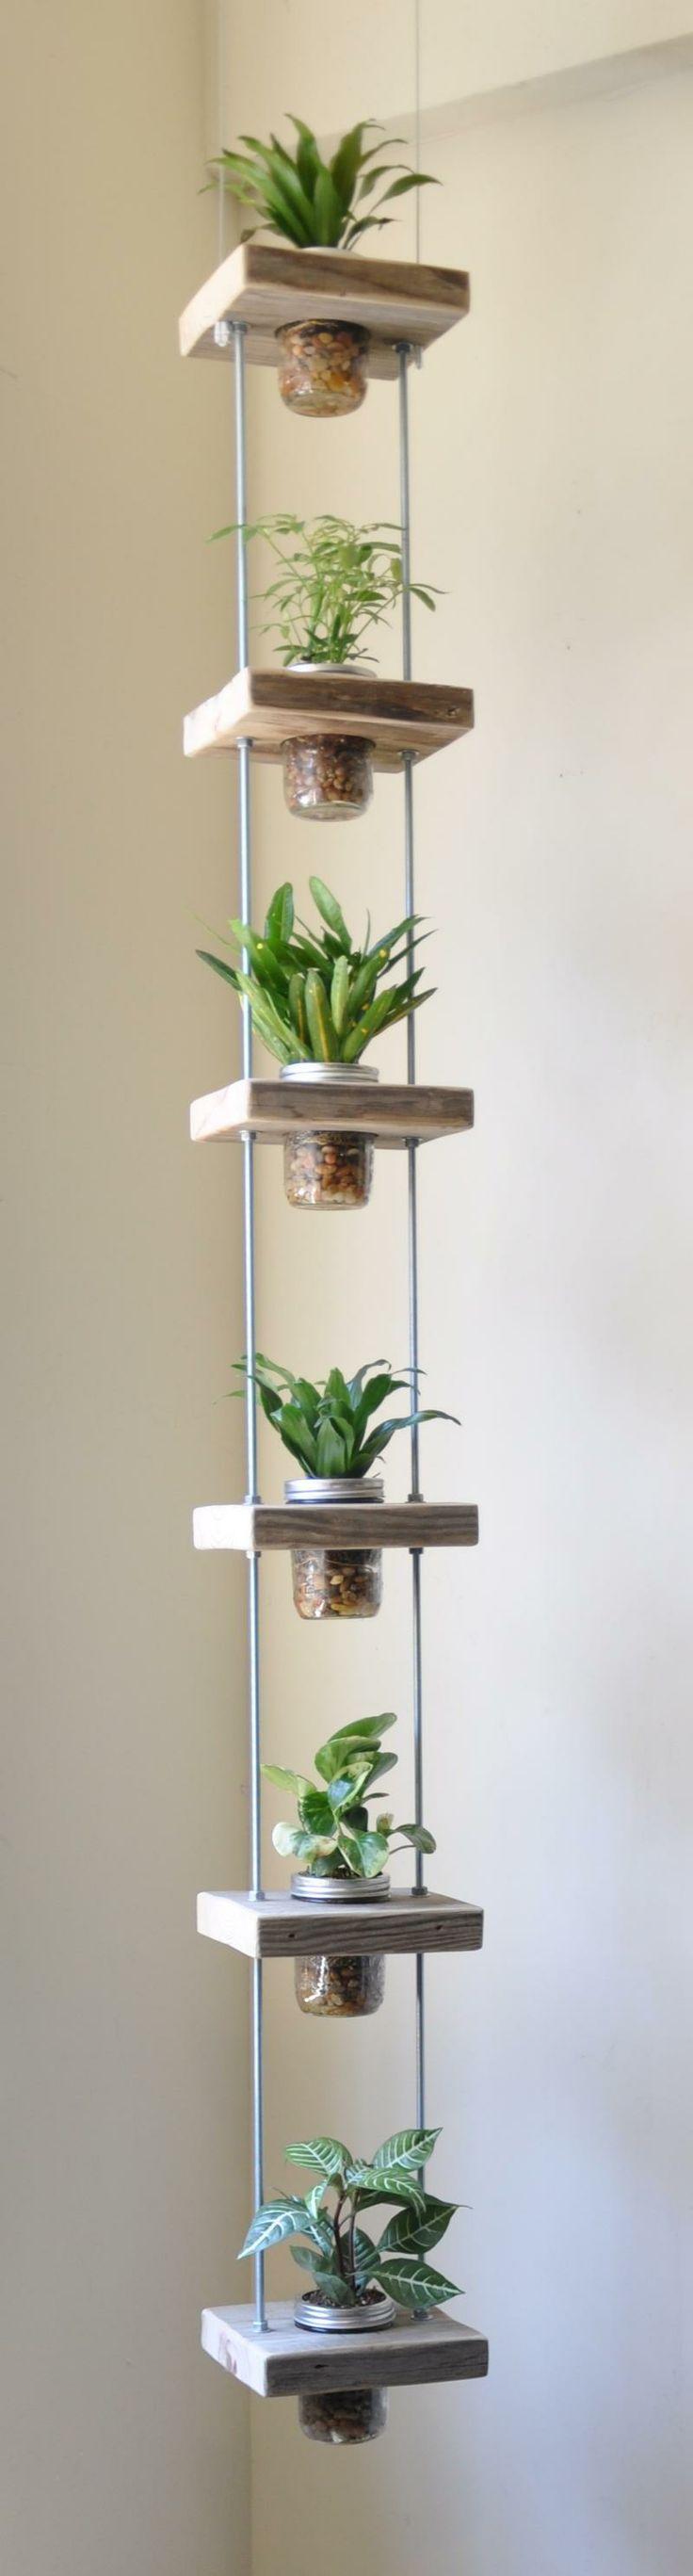 Peque os jardines verticales c mo hacer uno con - Comprar tarros de cristal pequenos ...